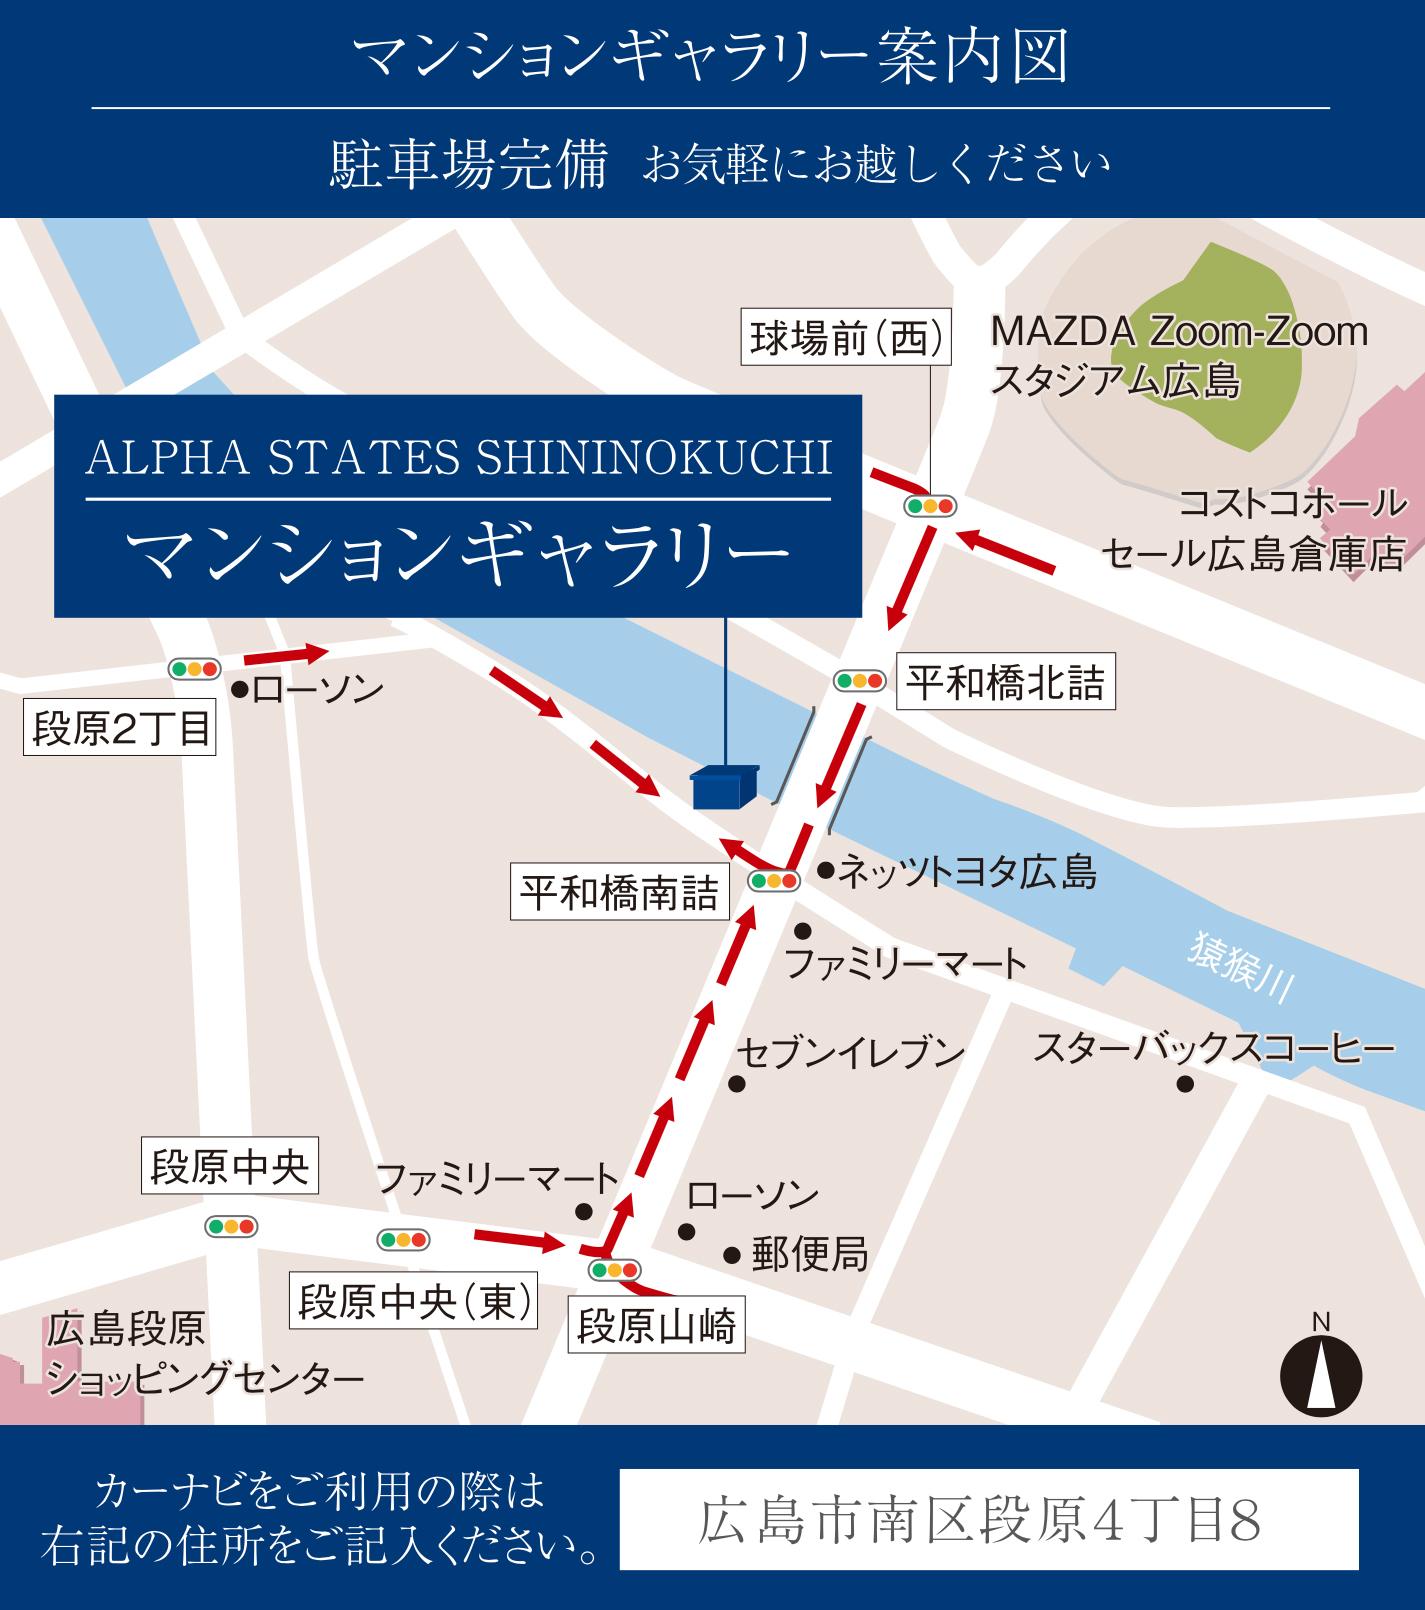 アルファステイツ新井口:モデルルーム地図